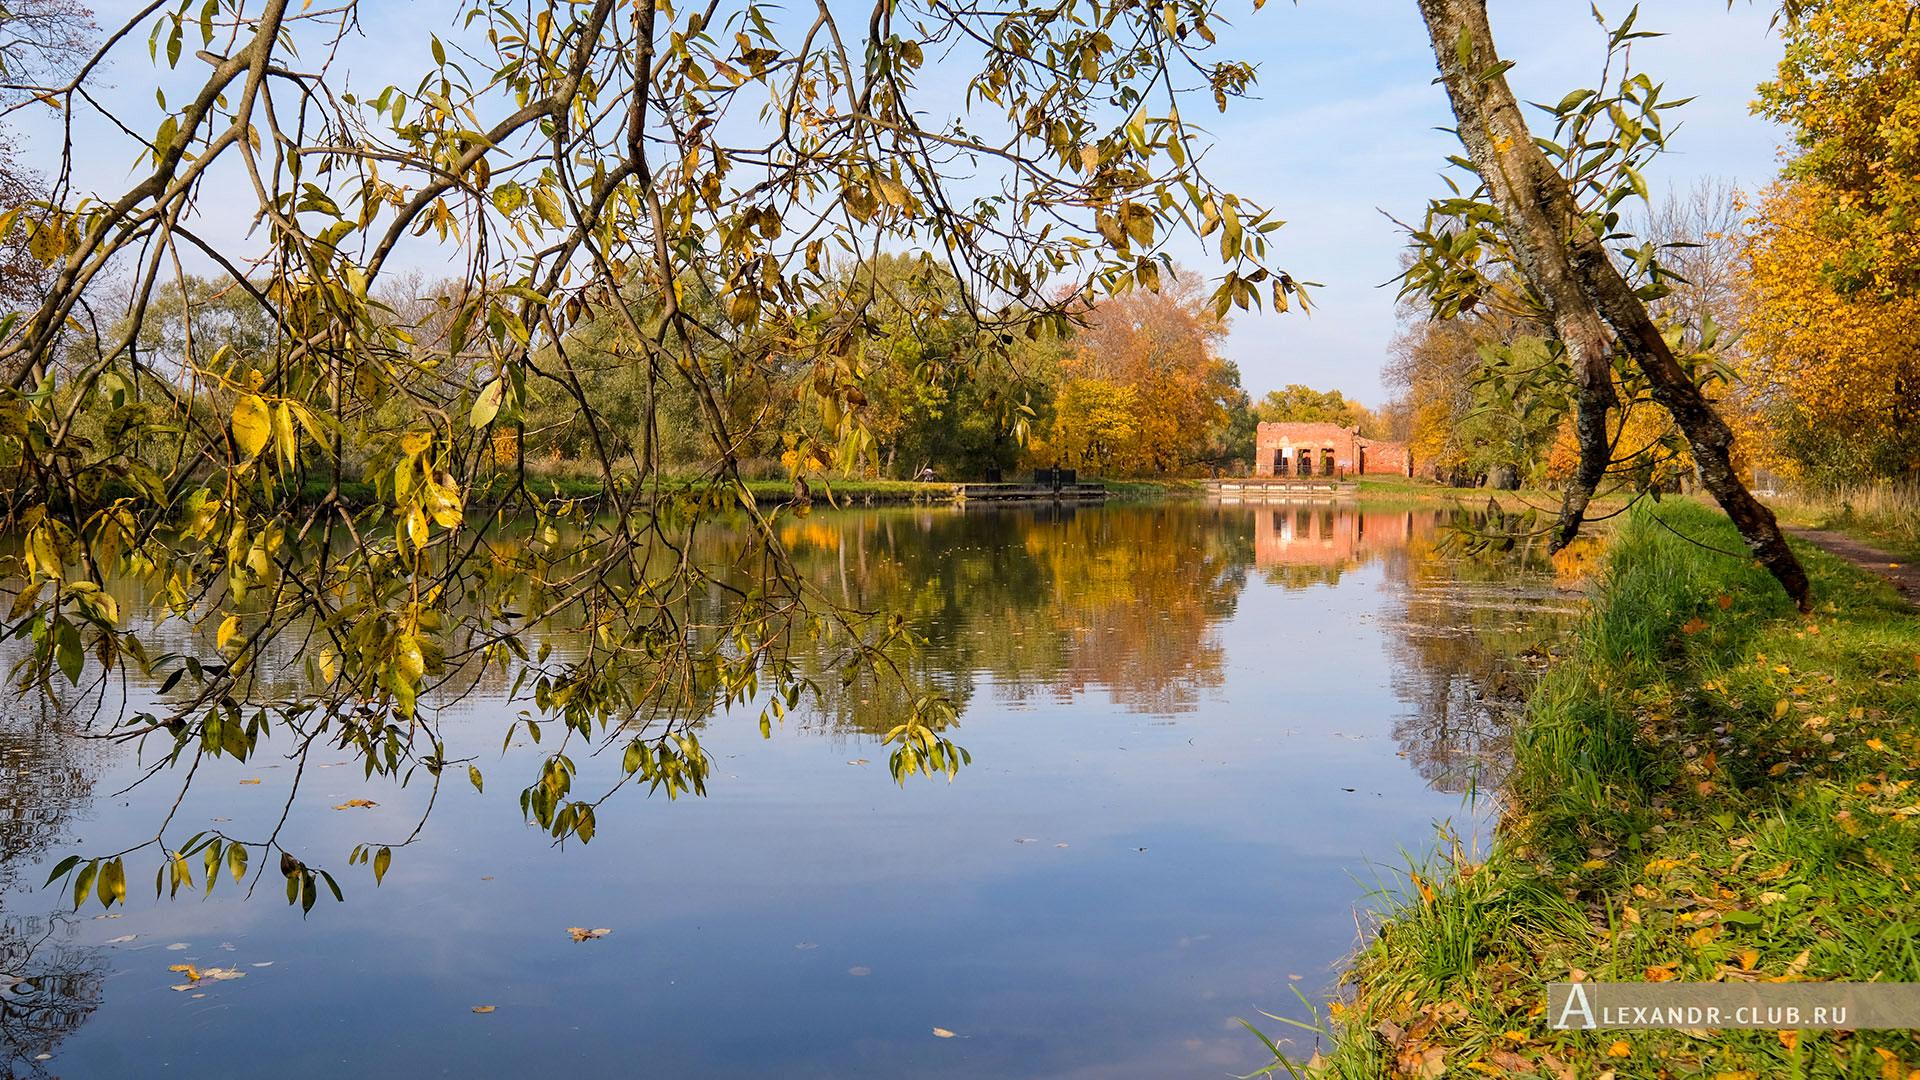 Петергоф, Луговой парк, осень, Старопетергофский канал и Розовый павильон